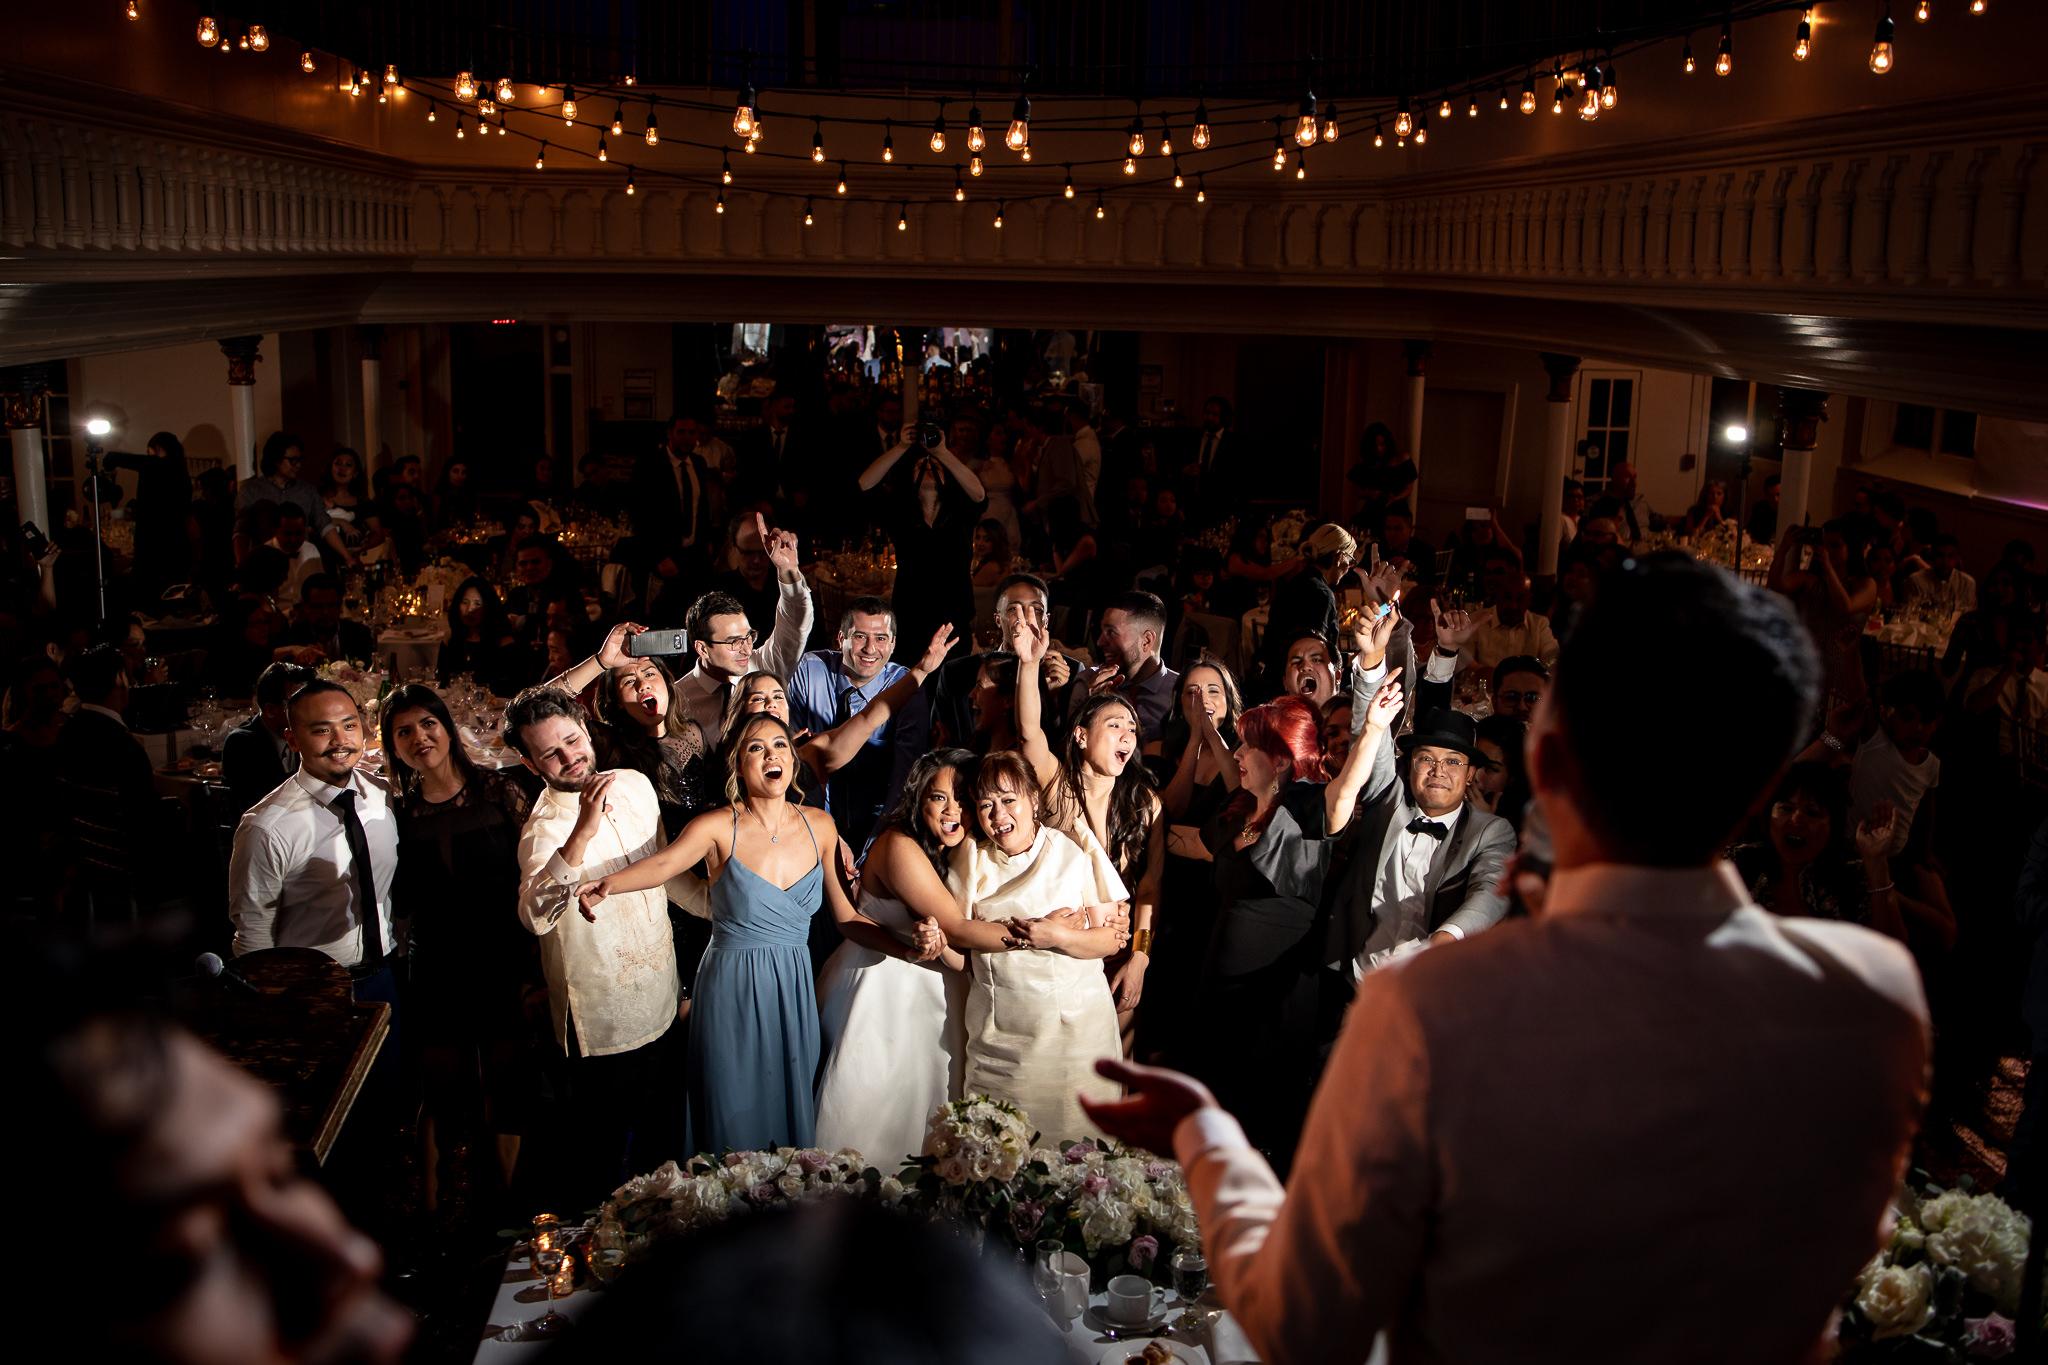 berkeley-wedding-photos-67.jpg